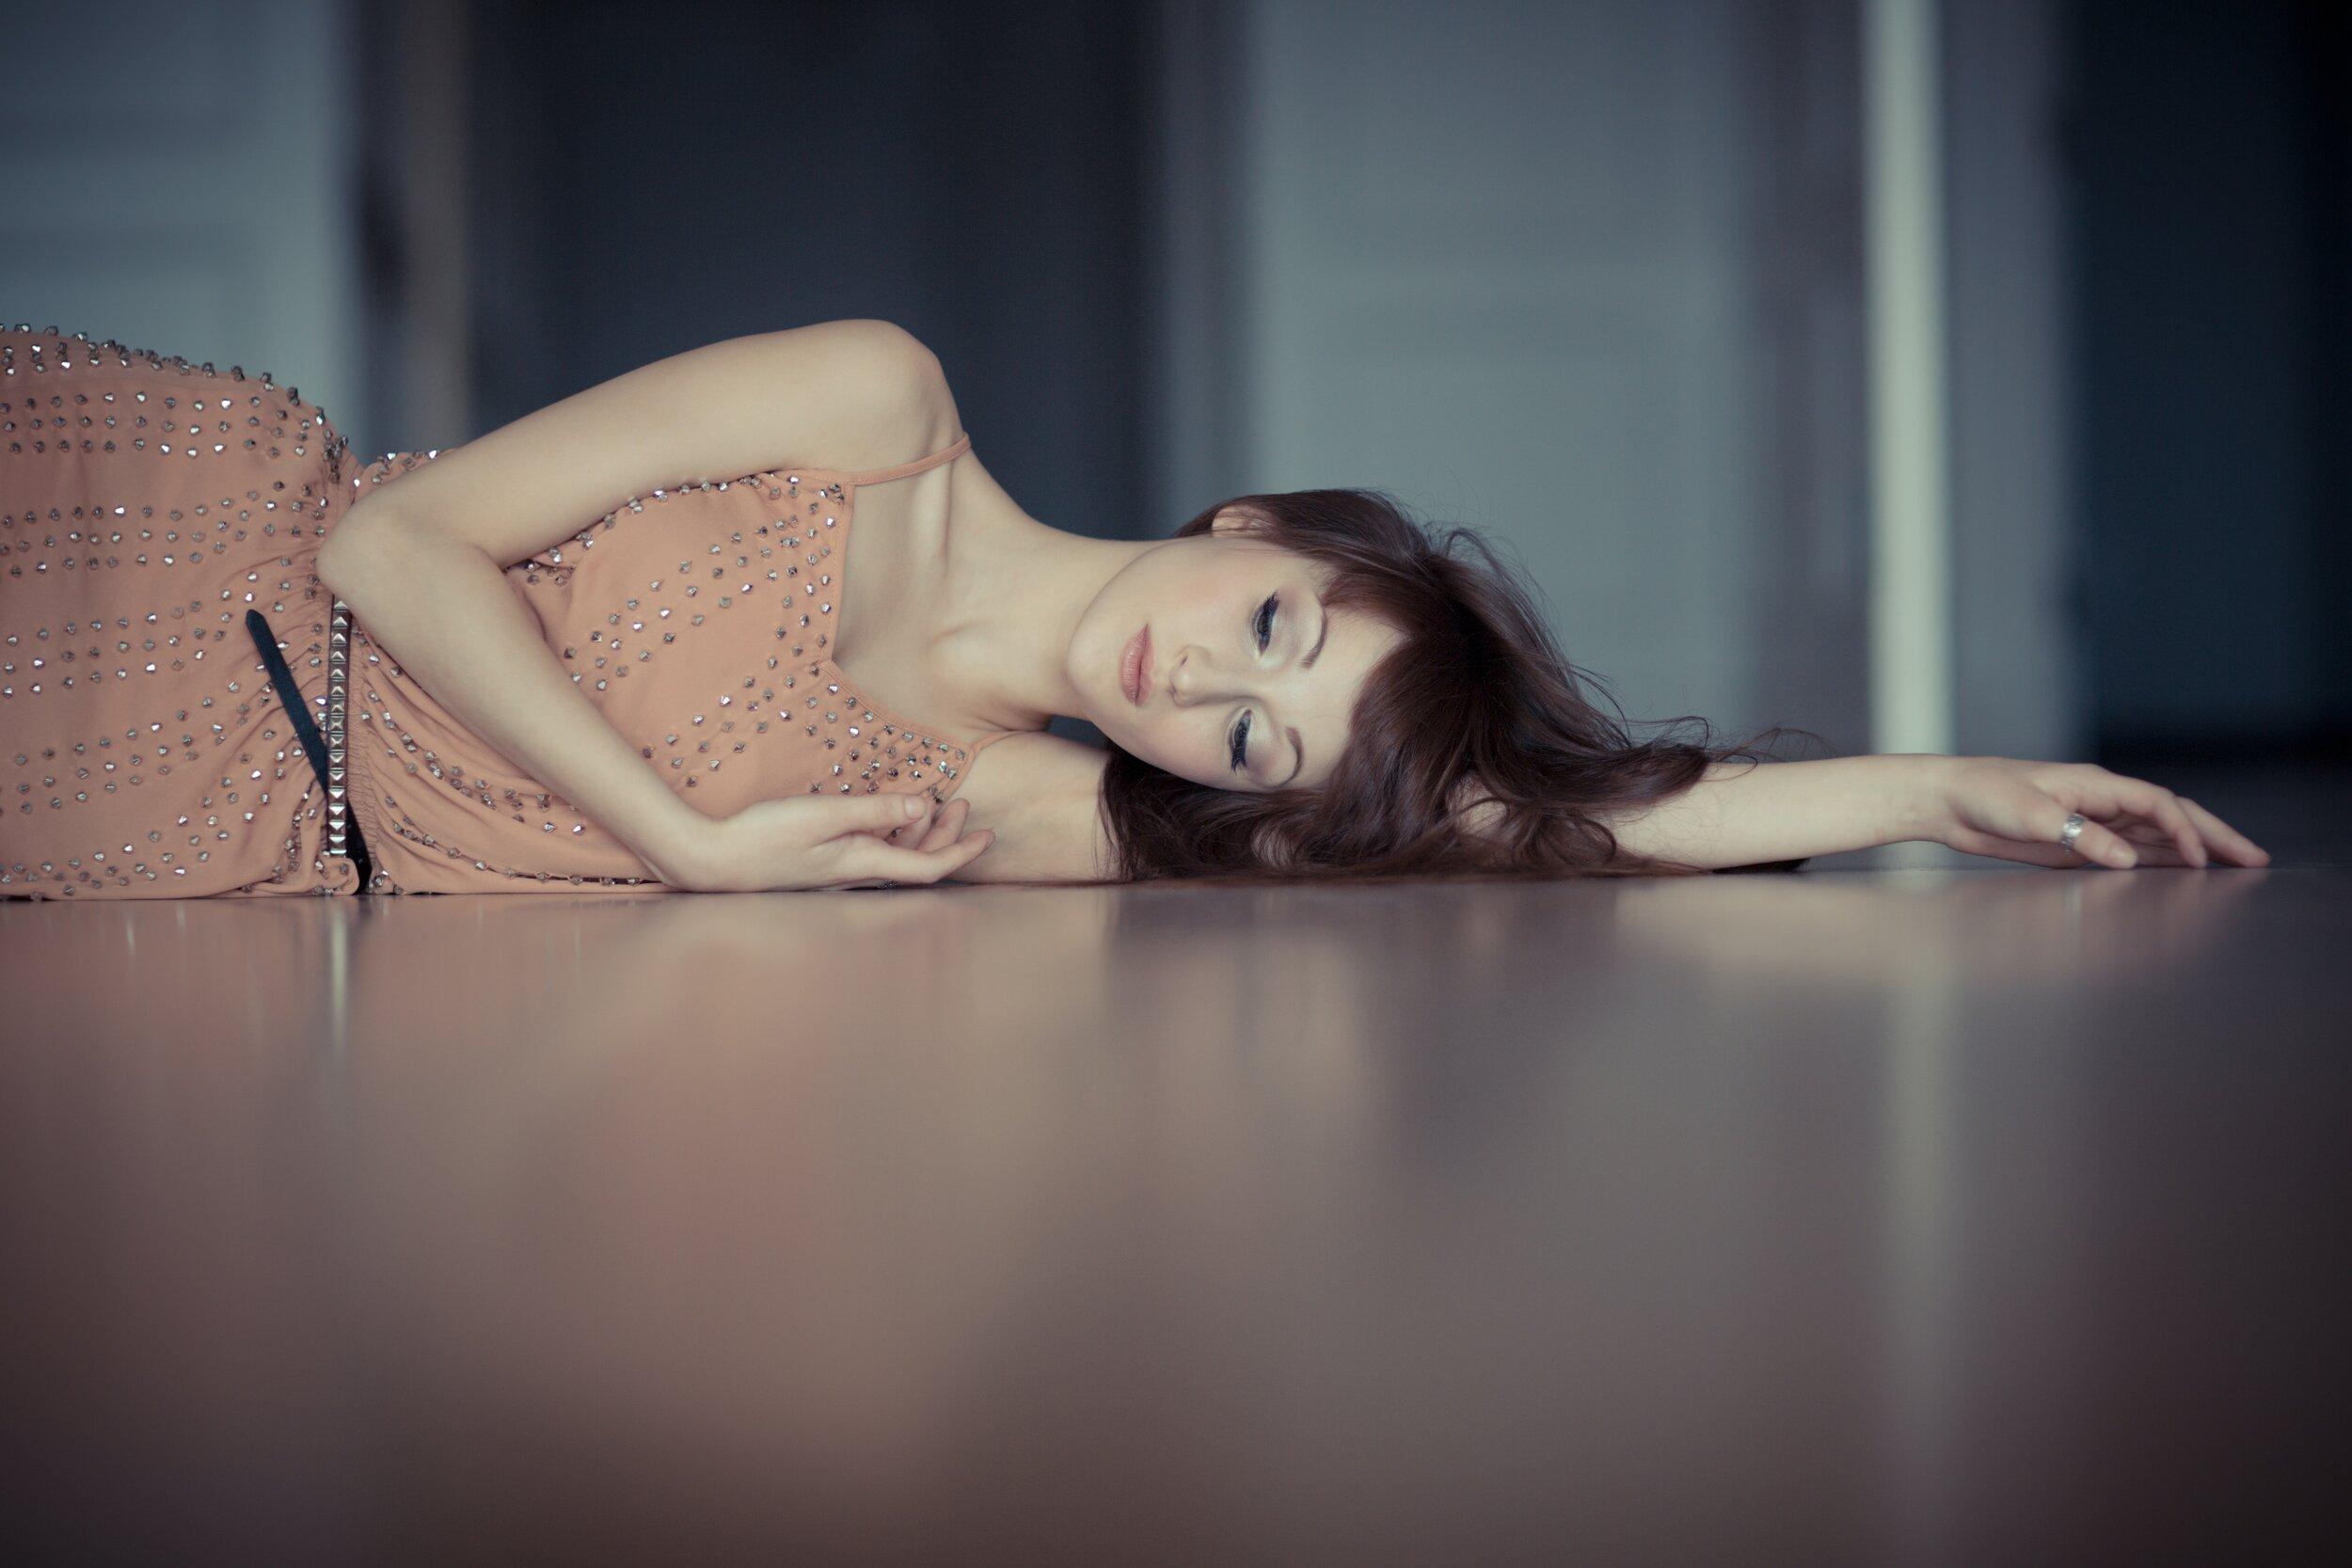 Beim gliedes des schmerzen eindringen Wie empfindet